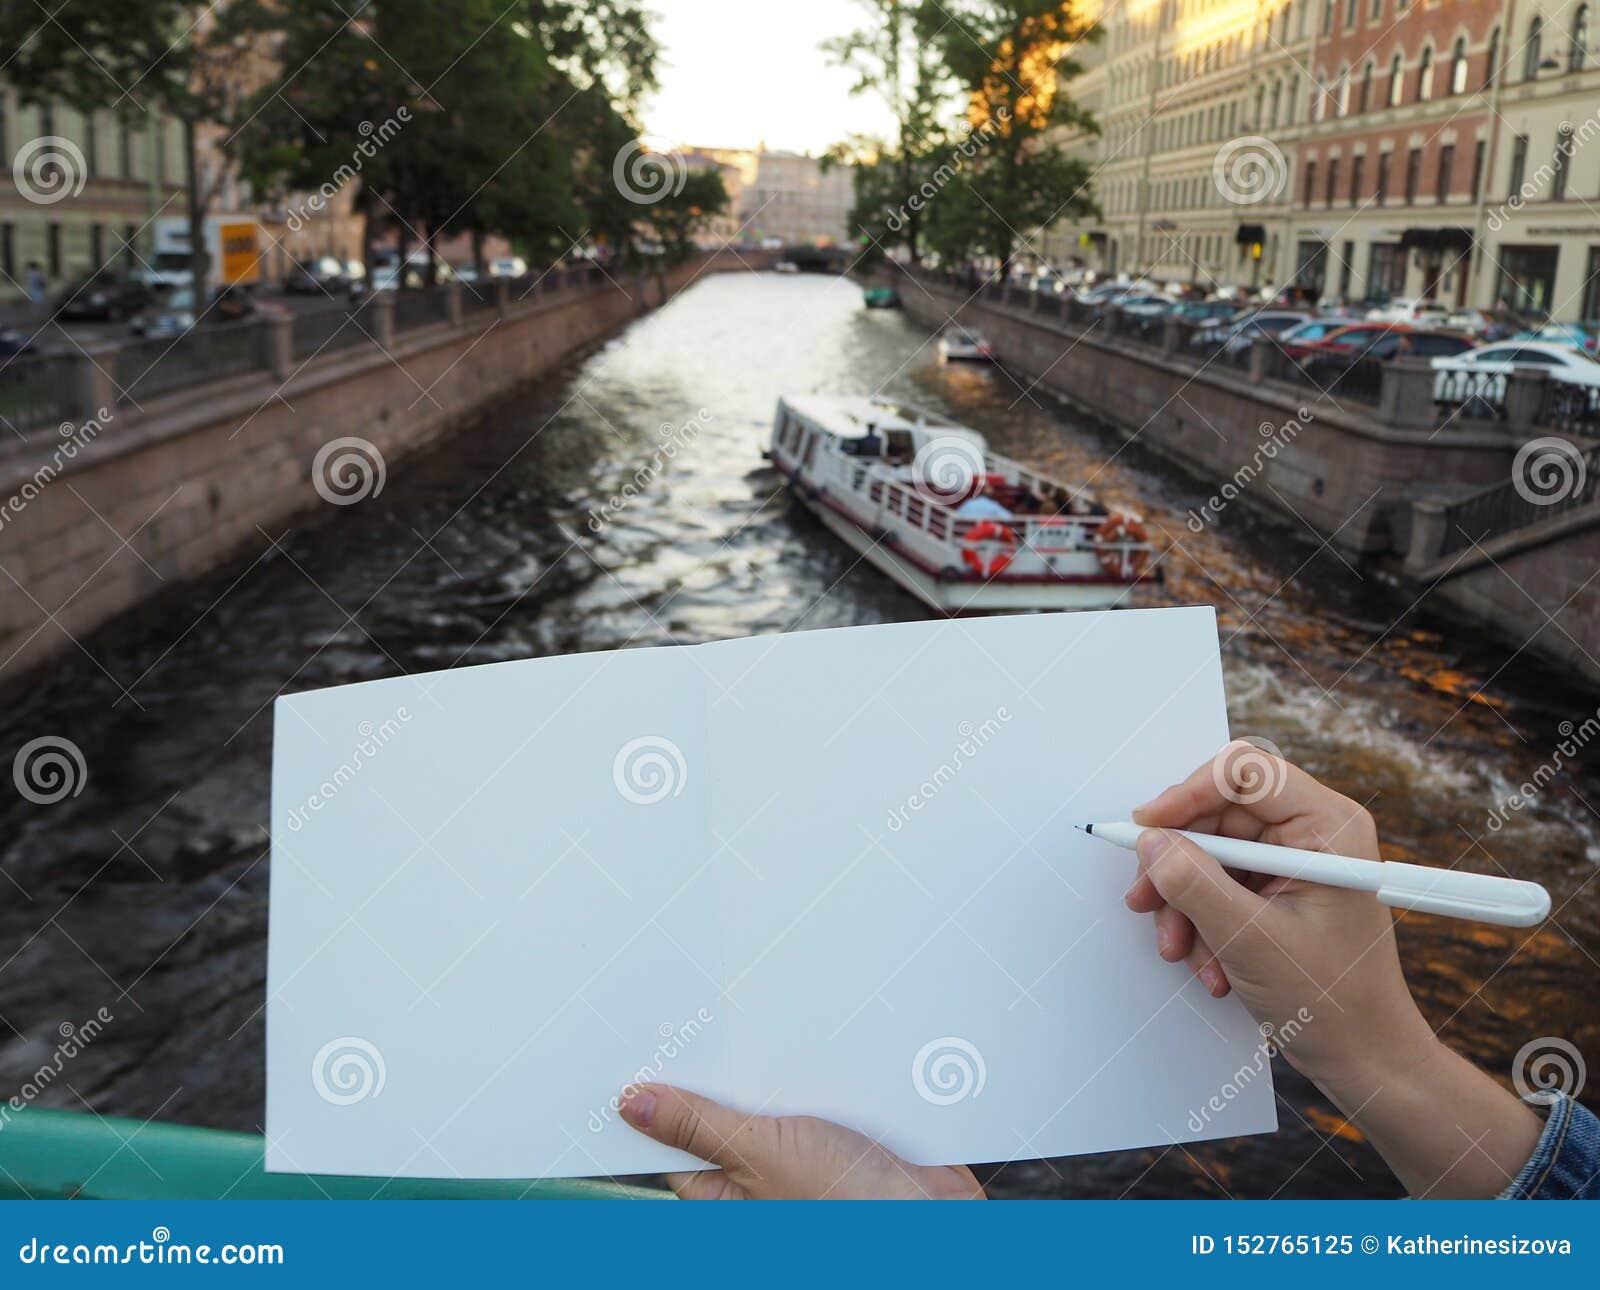 Maqueta de la mano de la persona que sostiene el cuaderno blanco en blanco que se prepara para anotar el suyo o el suyo ideas